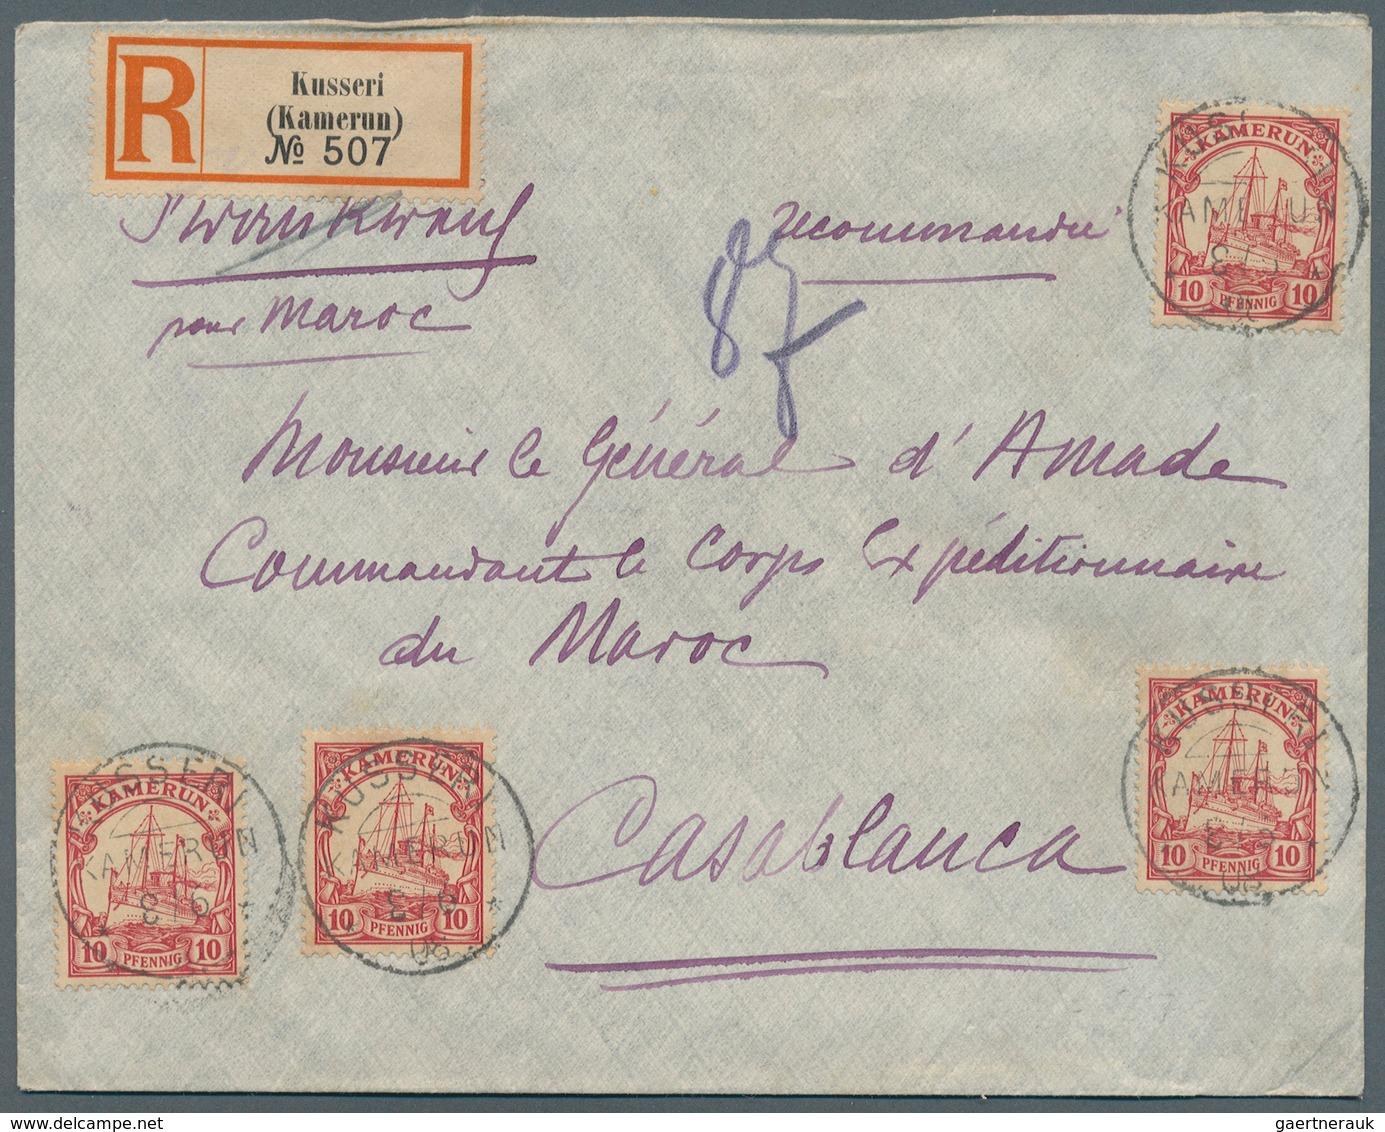 Deutsche Kolonien - Kamerun - Stempel: 1905, Einschreibbrief Mit 4 Exemplaren 10 Pf. Rot, Einzeln En - Kolonie: Kamerun